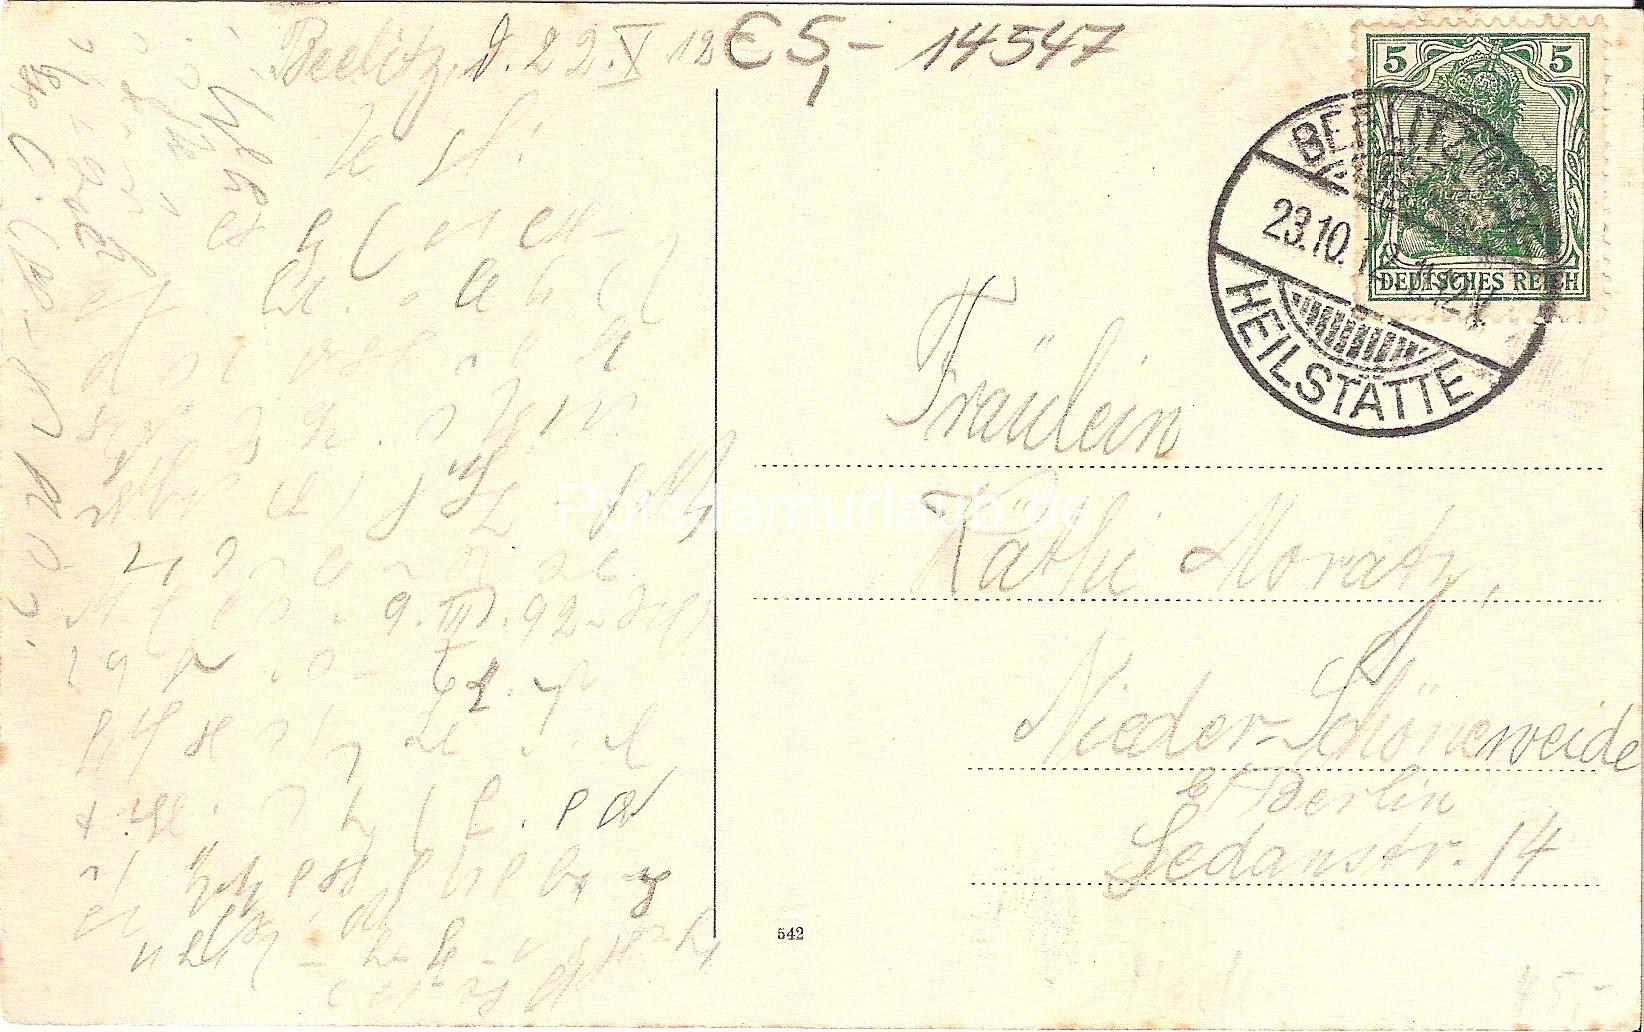 1912 10 23 Steno